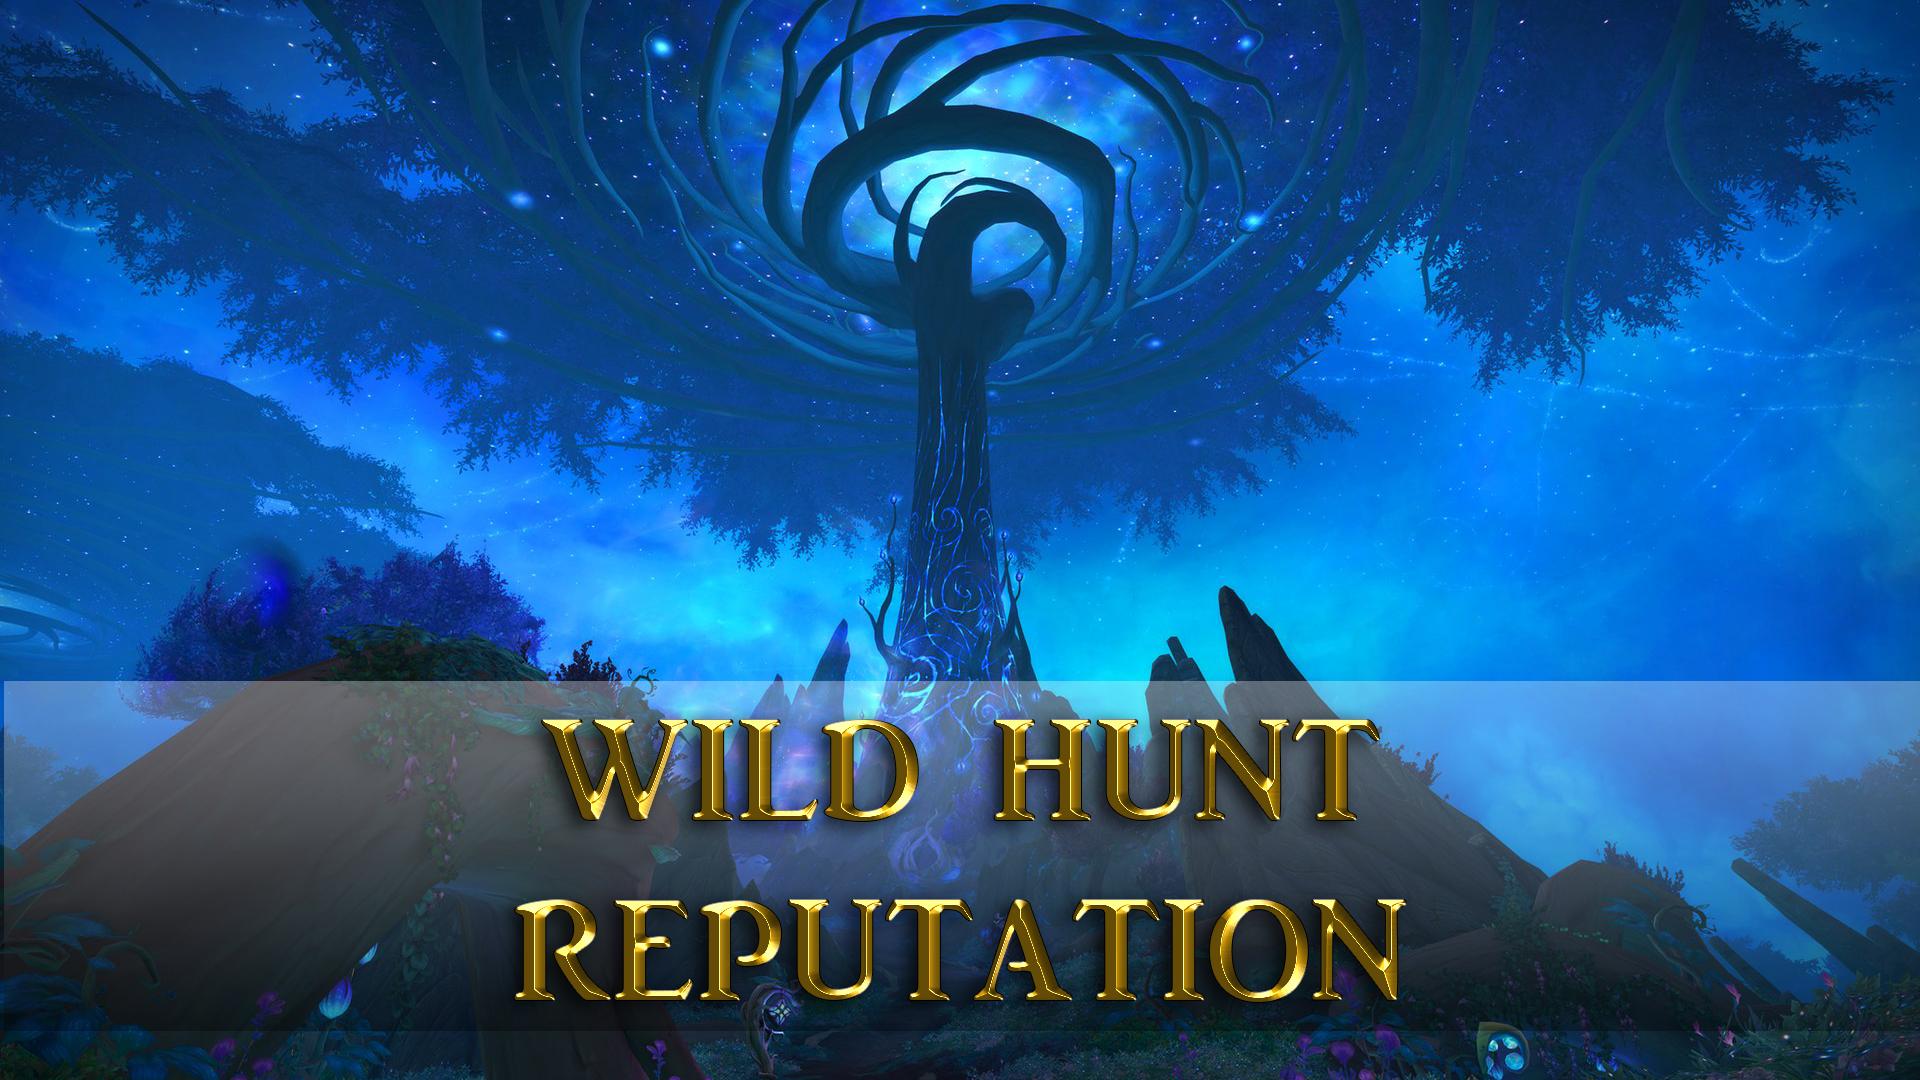 Wild Hunt Reputation GBD - e2p.com